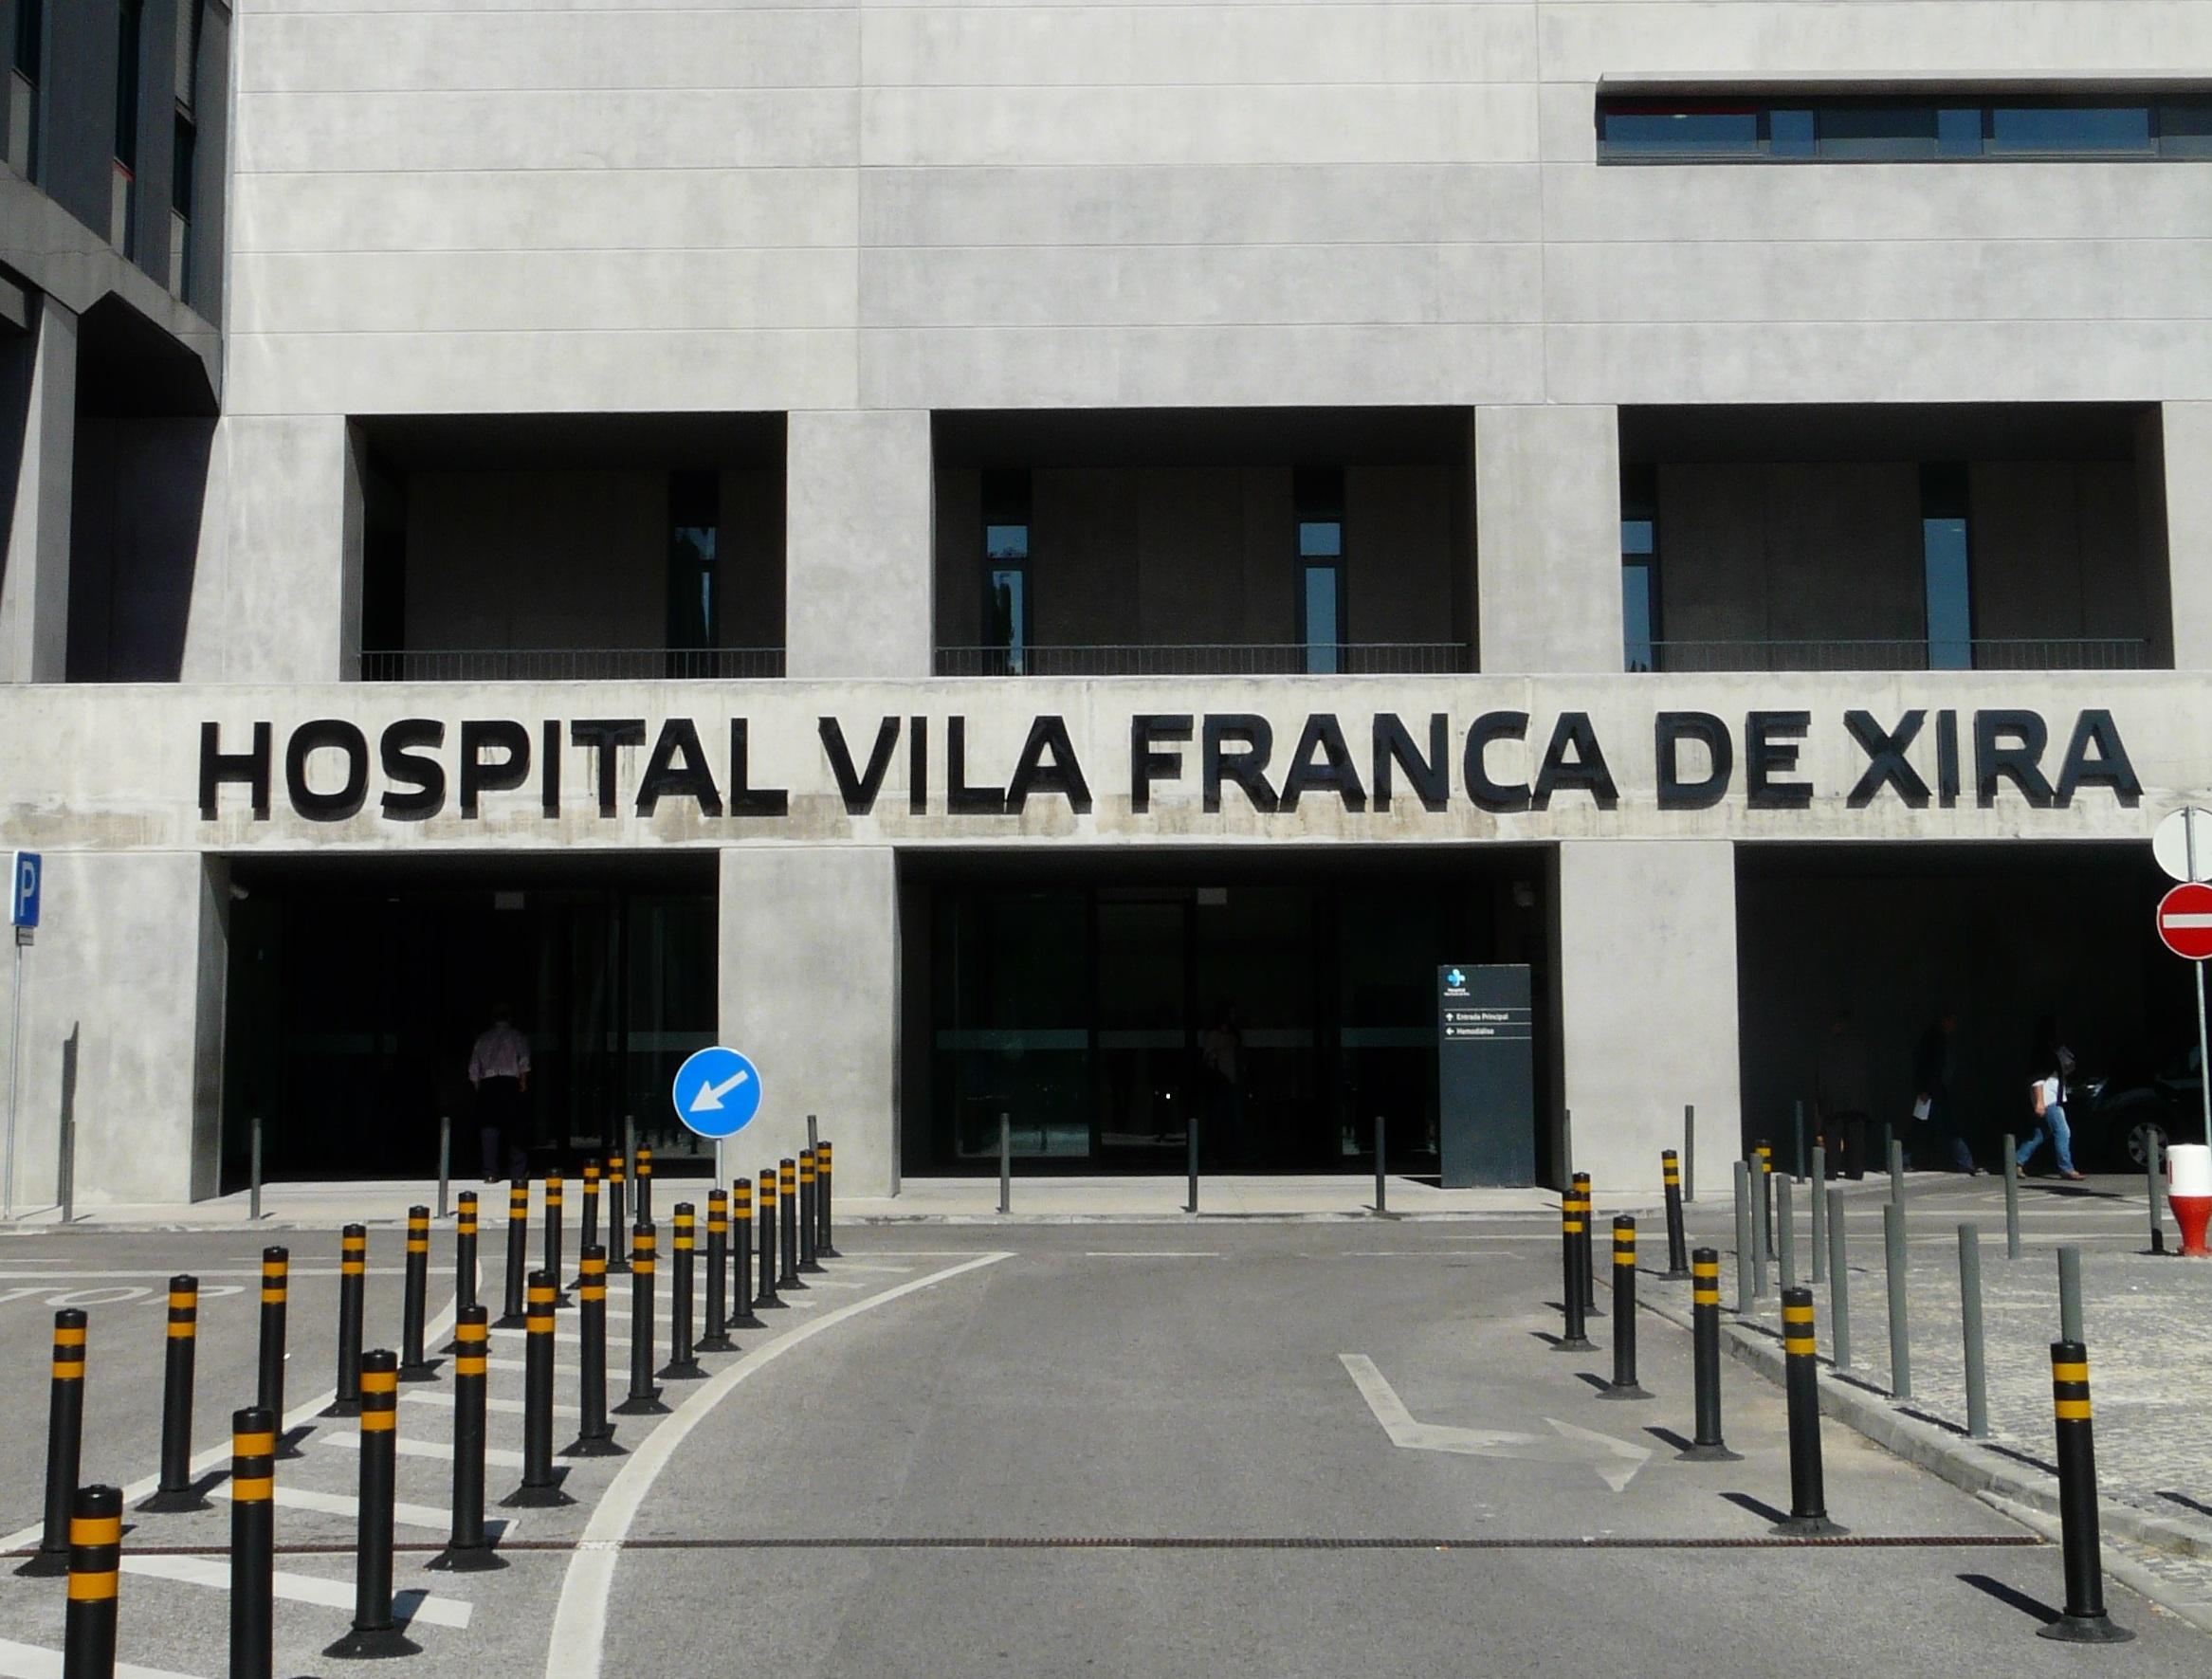 hospital-de-vila-franca-de-xira-HVFX é hospital público mais bem classificado